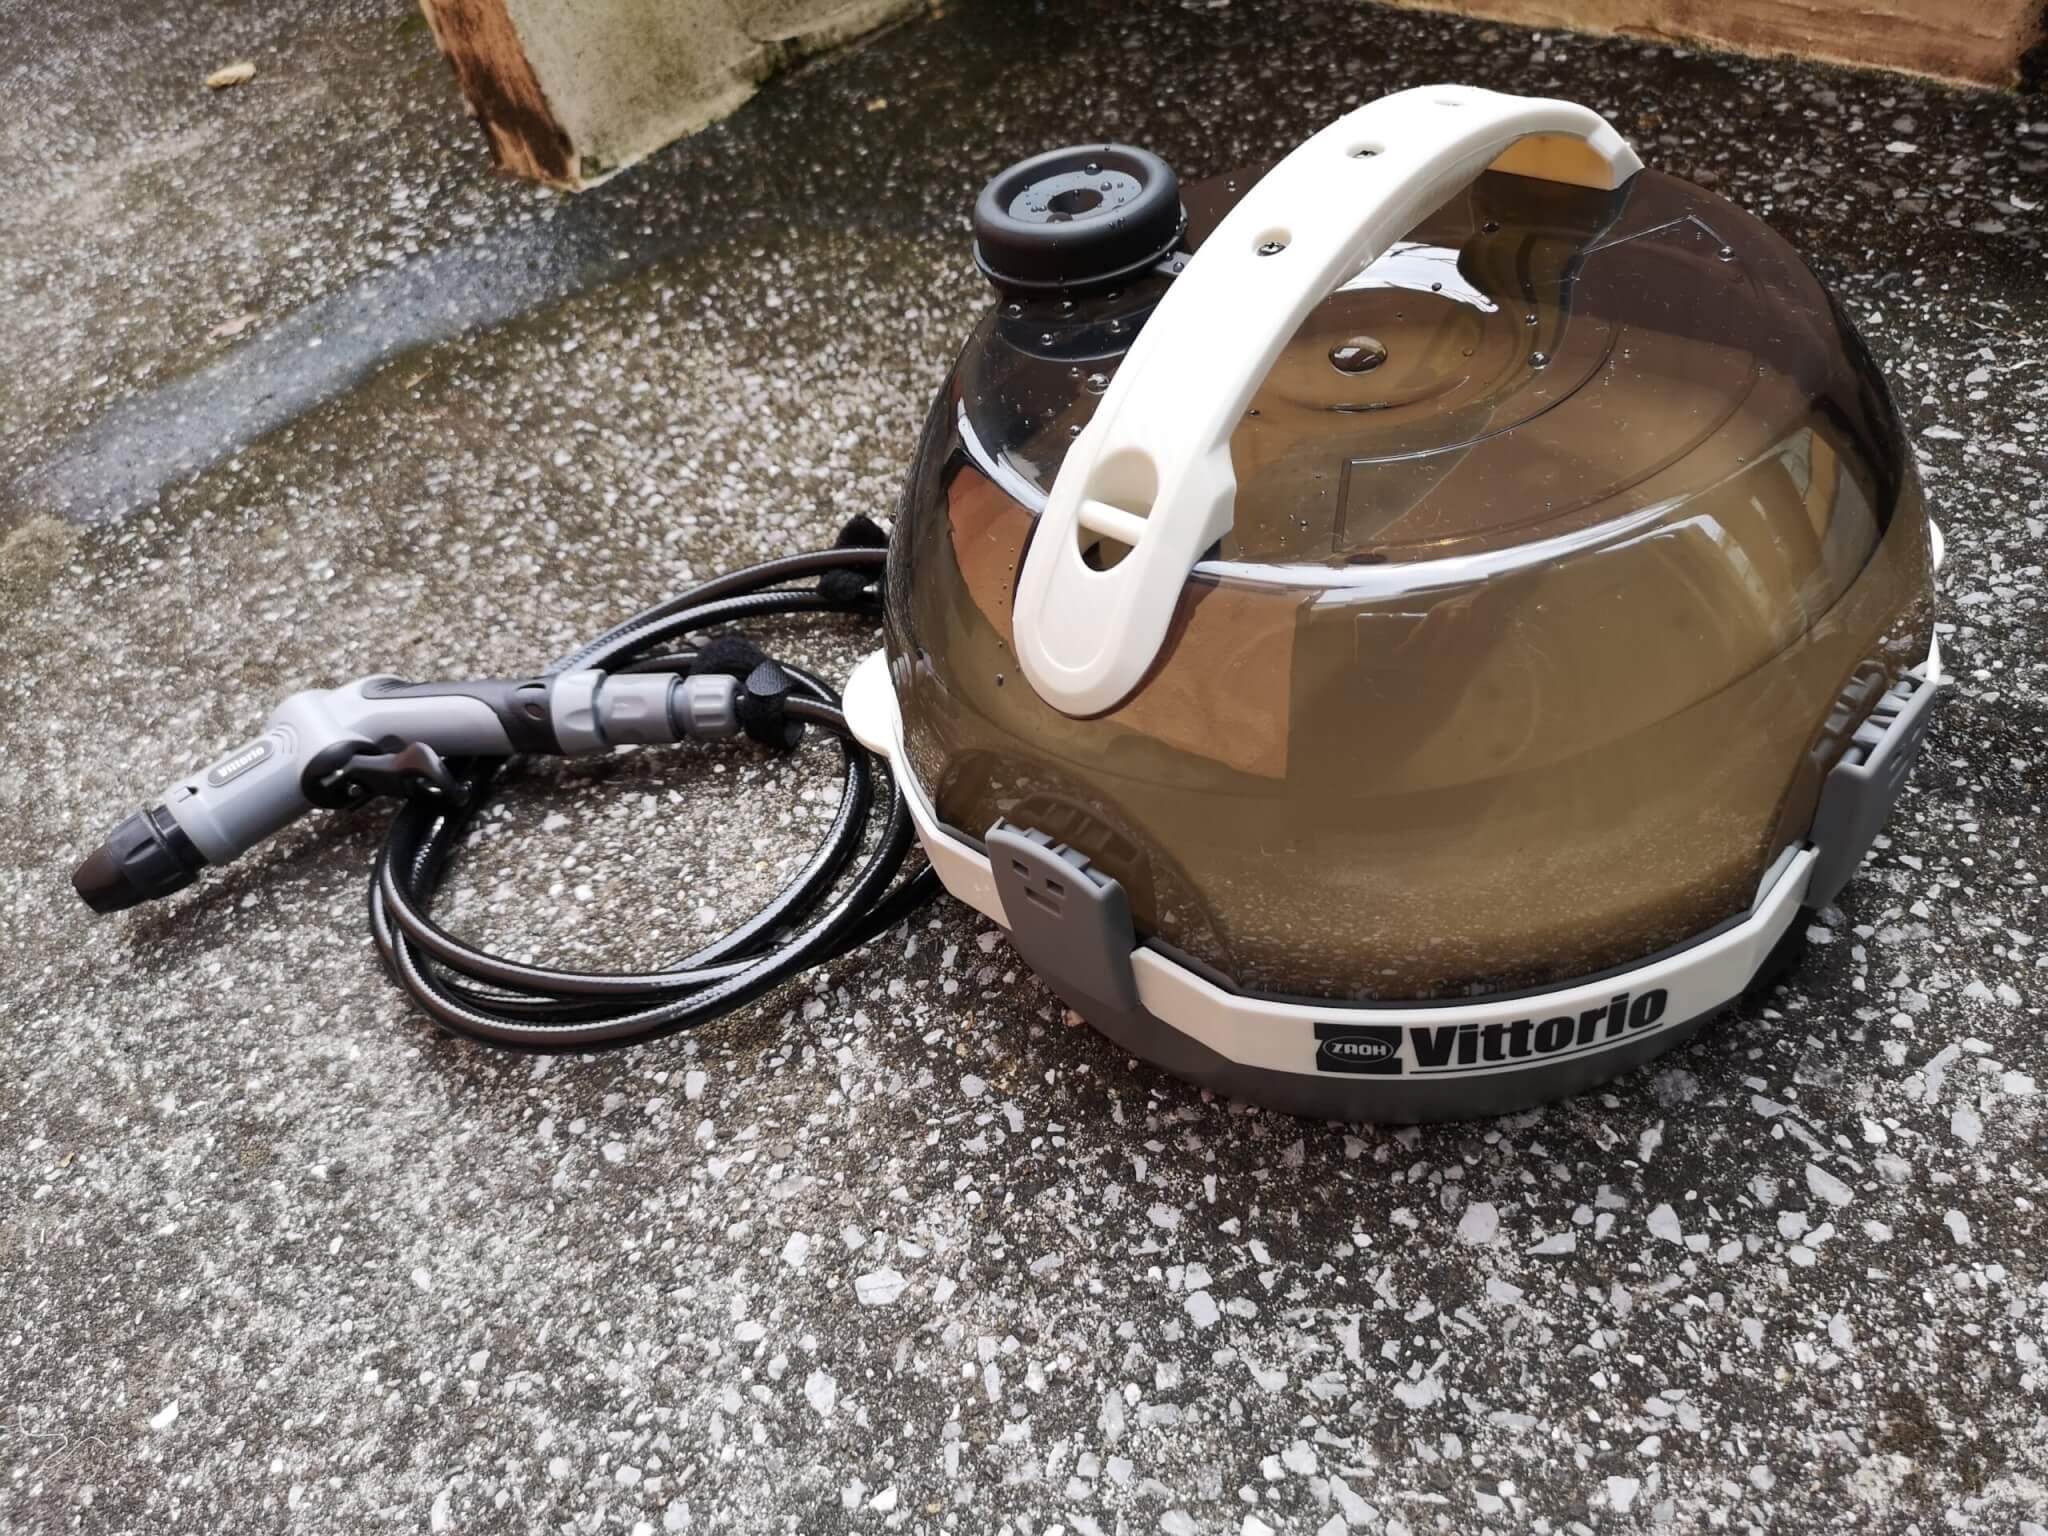 ZAOH(蔵王産業)のヴィットリオ ZM-0502-2を実機レビュー!電源・水源不要の充電式マルチ洗浄機